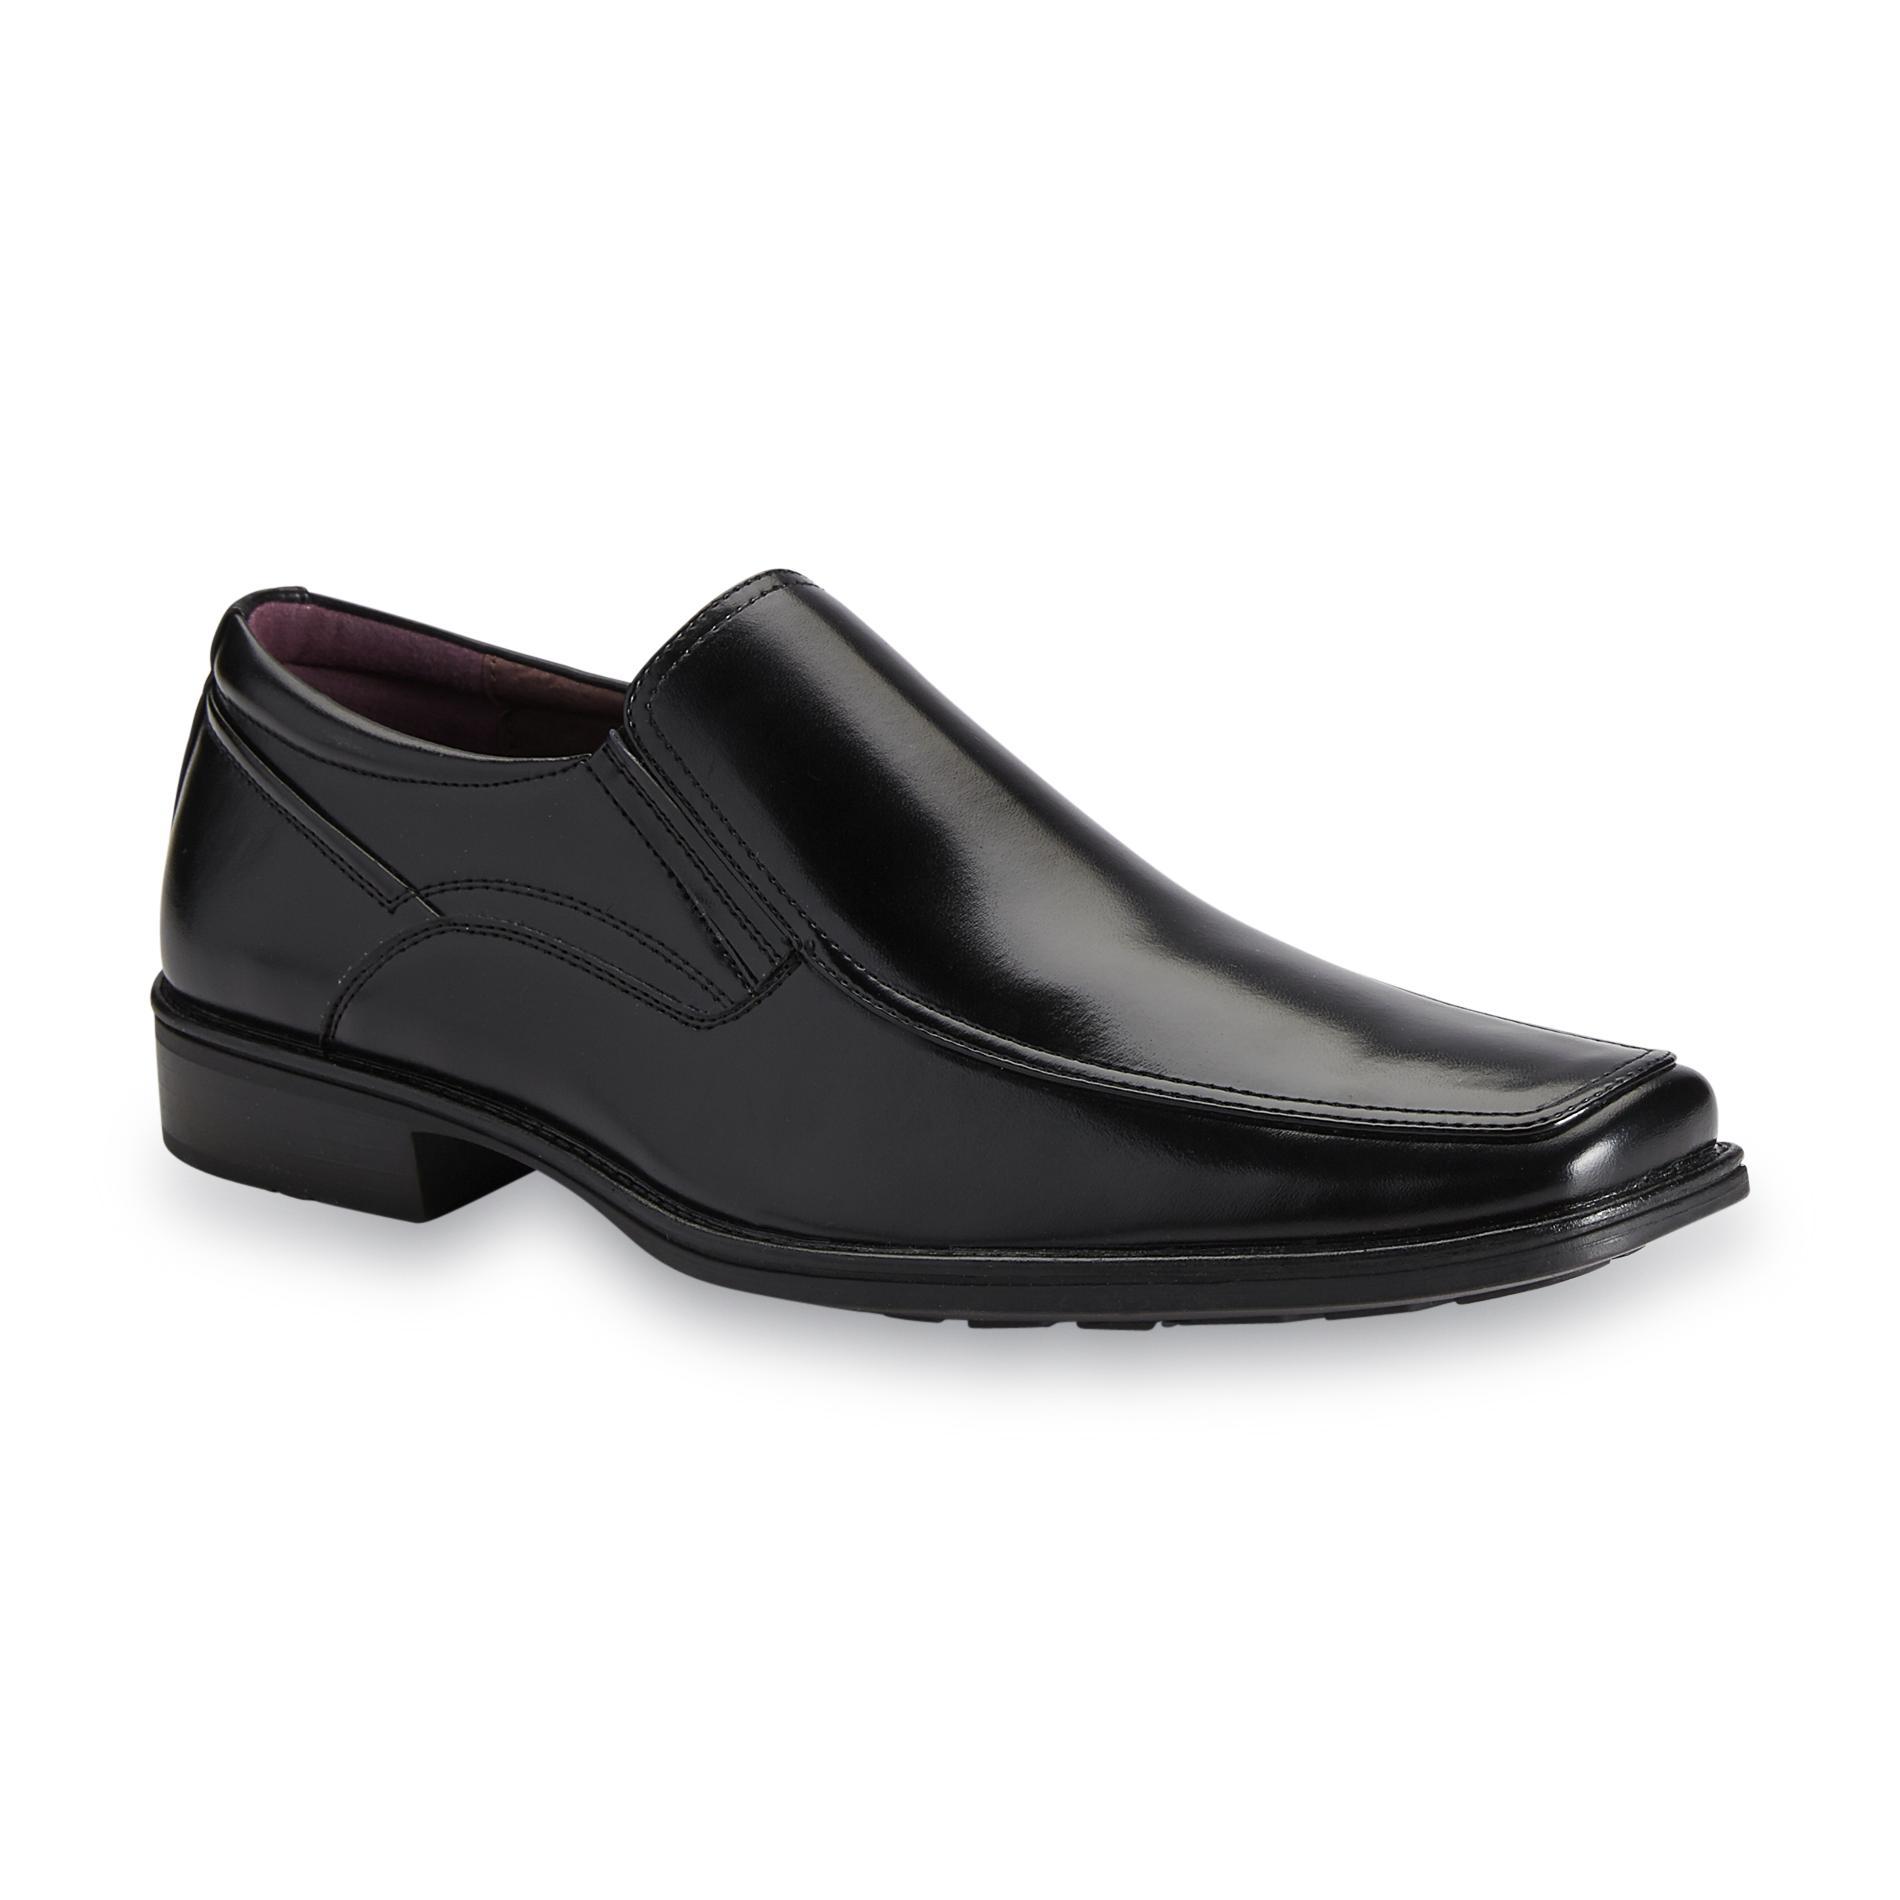 Freeman Men's Henson Black Dress Loafer